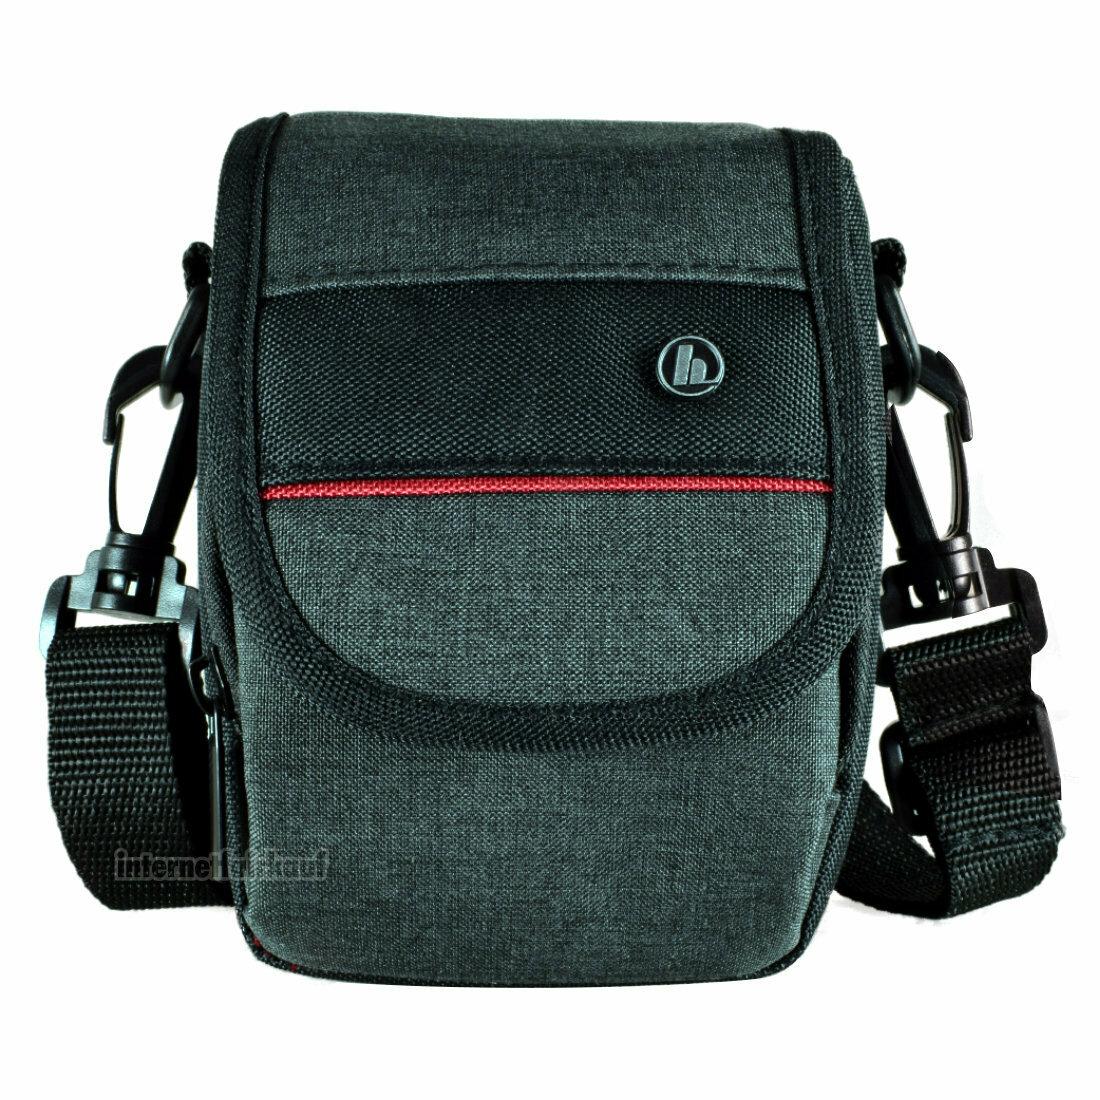 Kameratasche passend für Nikon Coolpix L310 L810 Fototasche